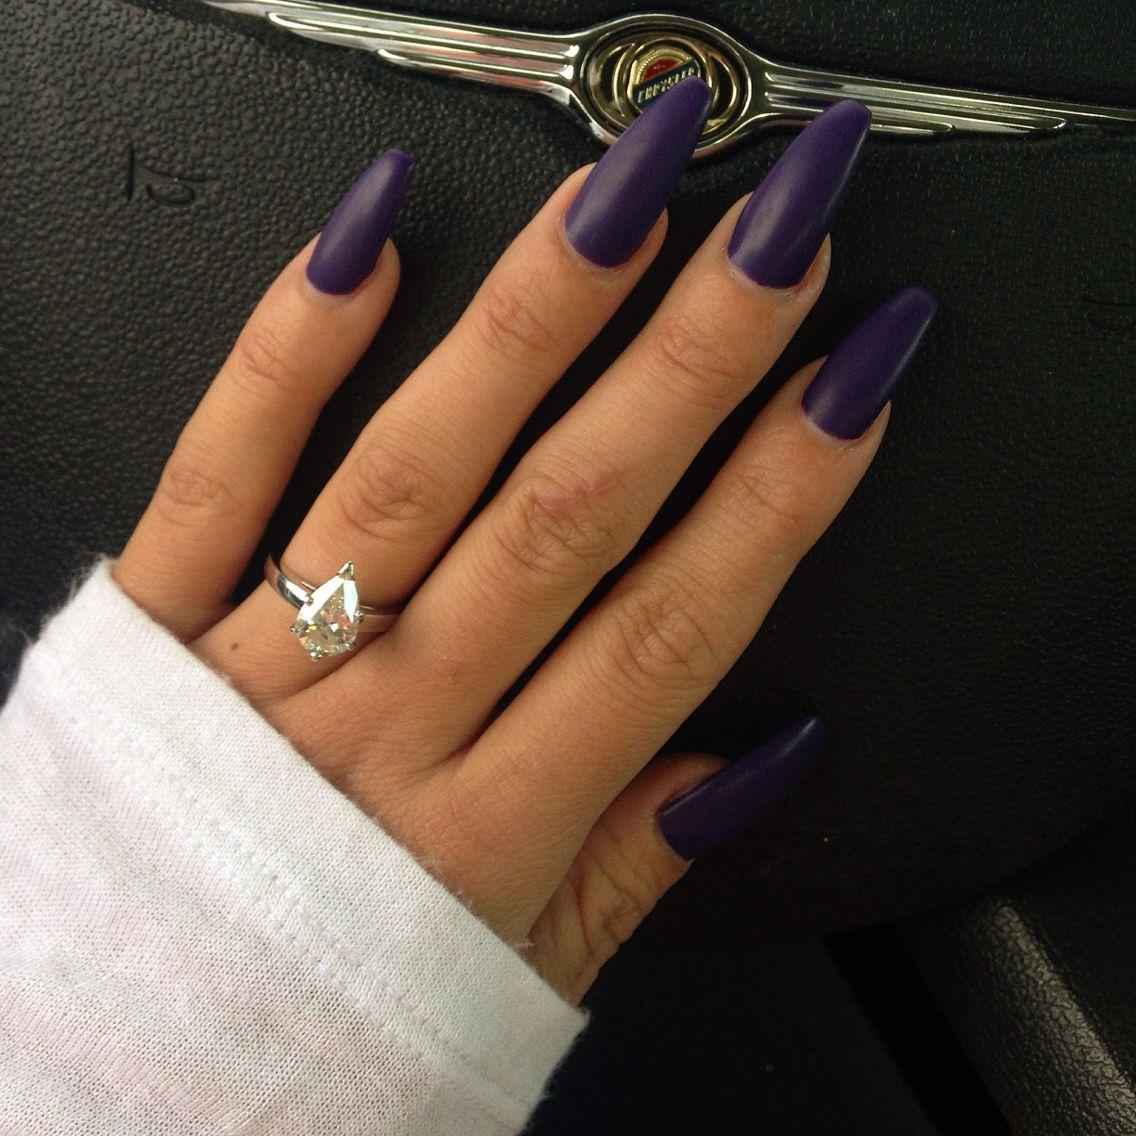 Pin de Serena Evers en Cute nails   Pinterest   Colores, Amor y Púrpura